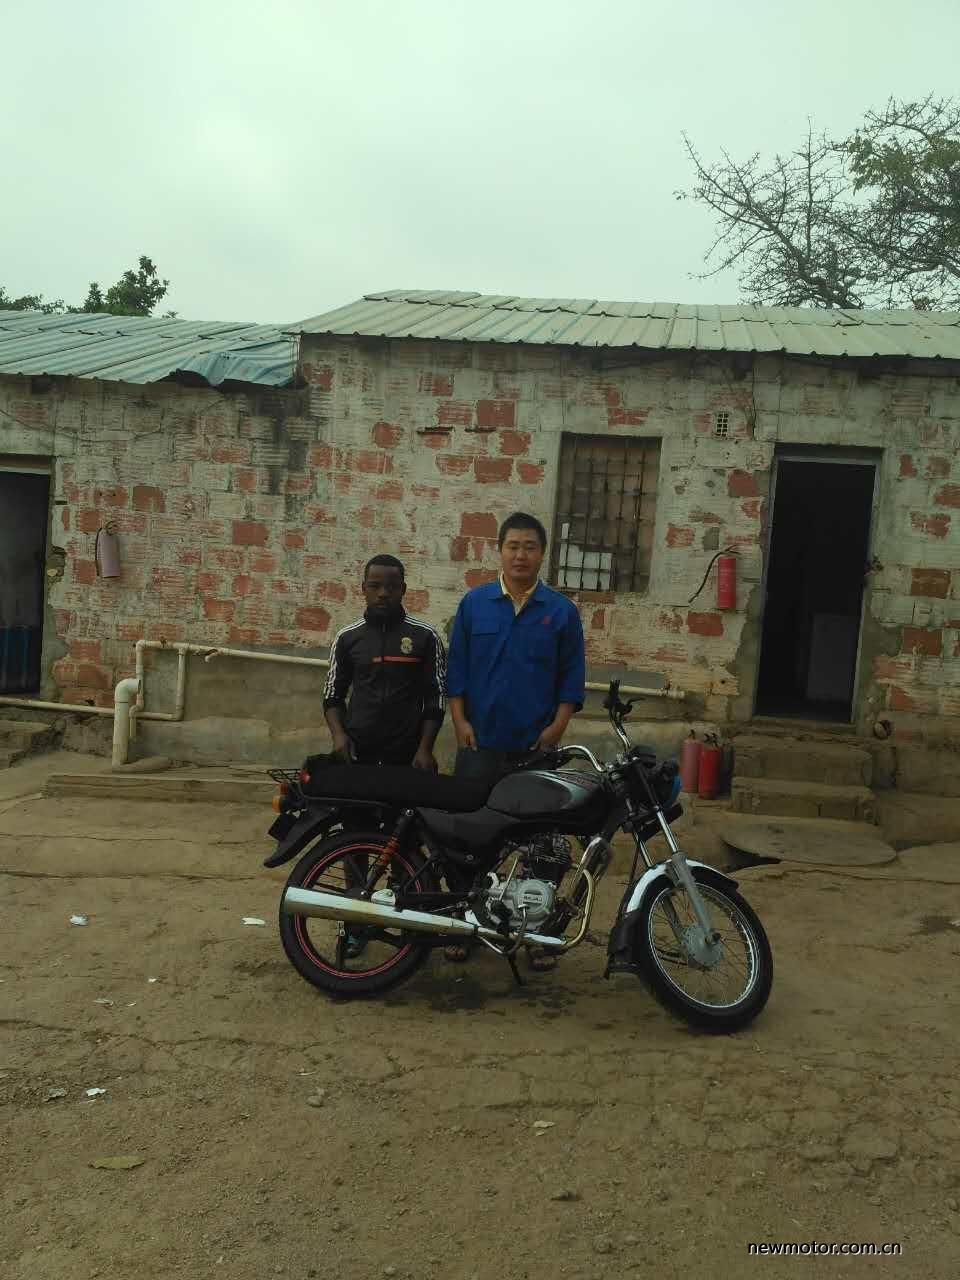 我在非洲看到的中国摩托